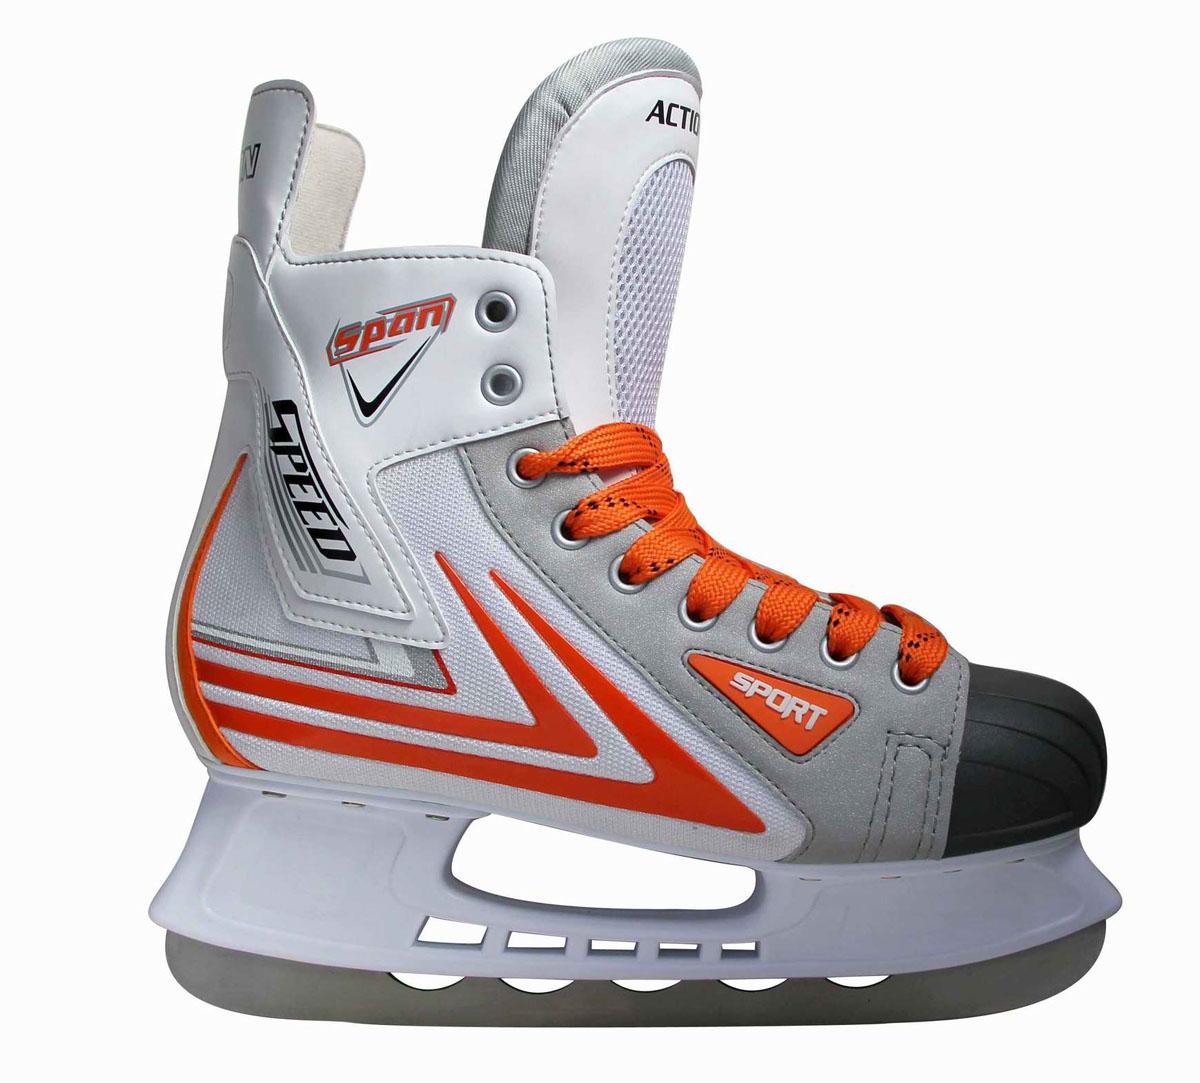 Коньки хоккейные Action, цвет: белый, красный. PW-217. Размер 40